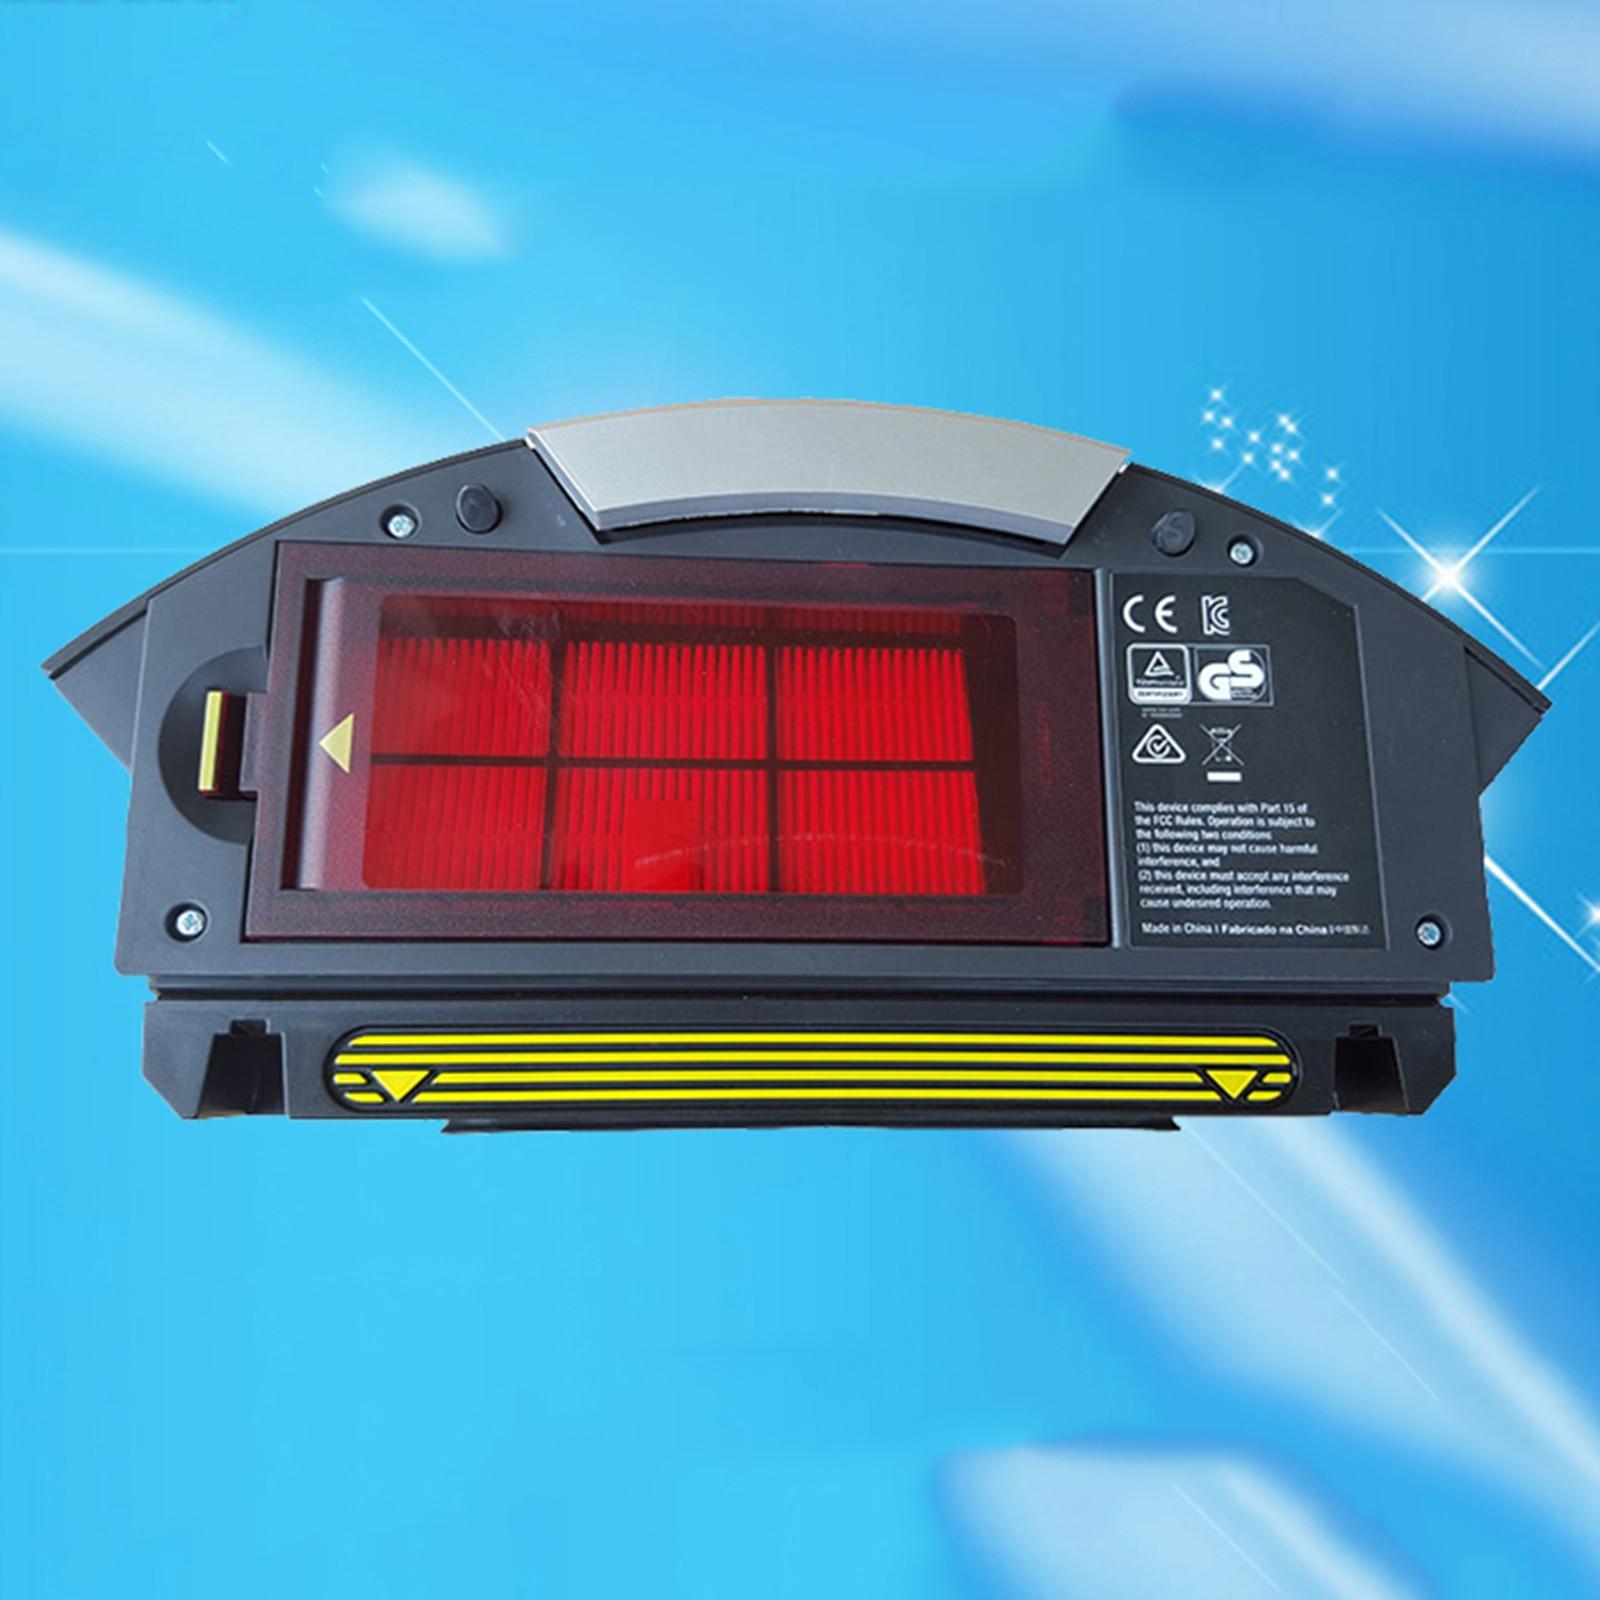 Dust Box Bin Door For Irobot Roomba 800 900 Series Vaccum Cleaner Accessories A